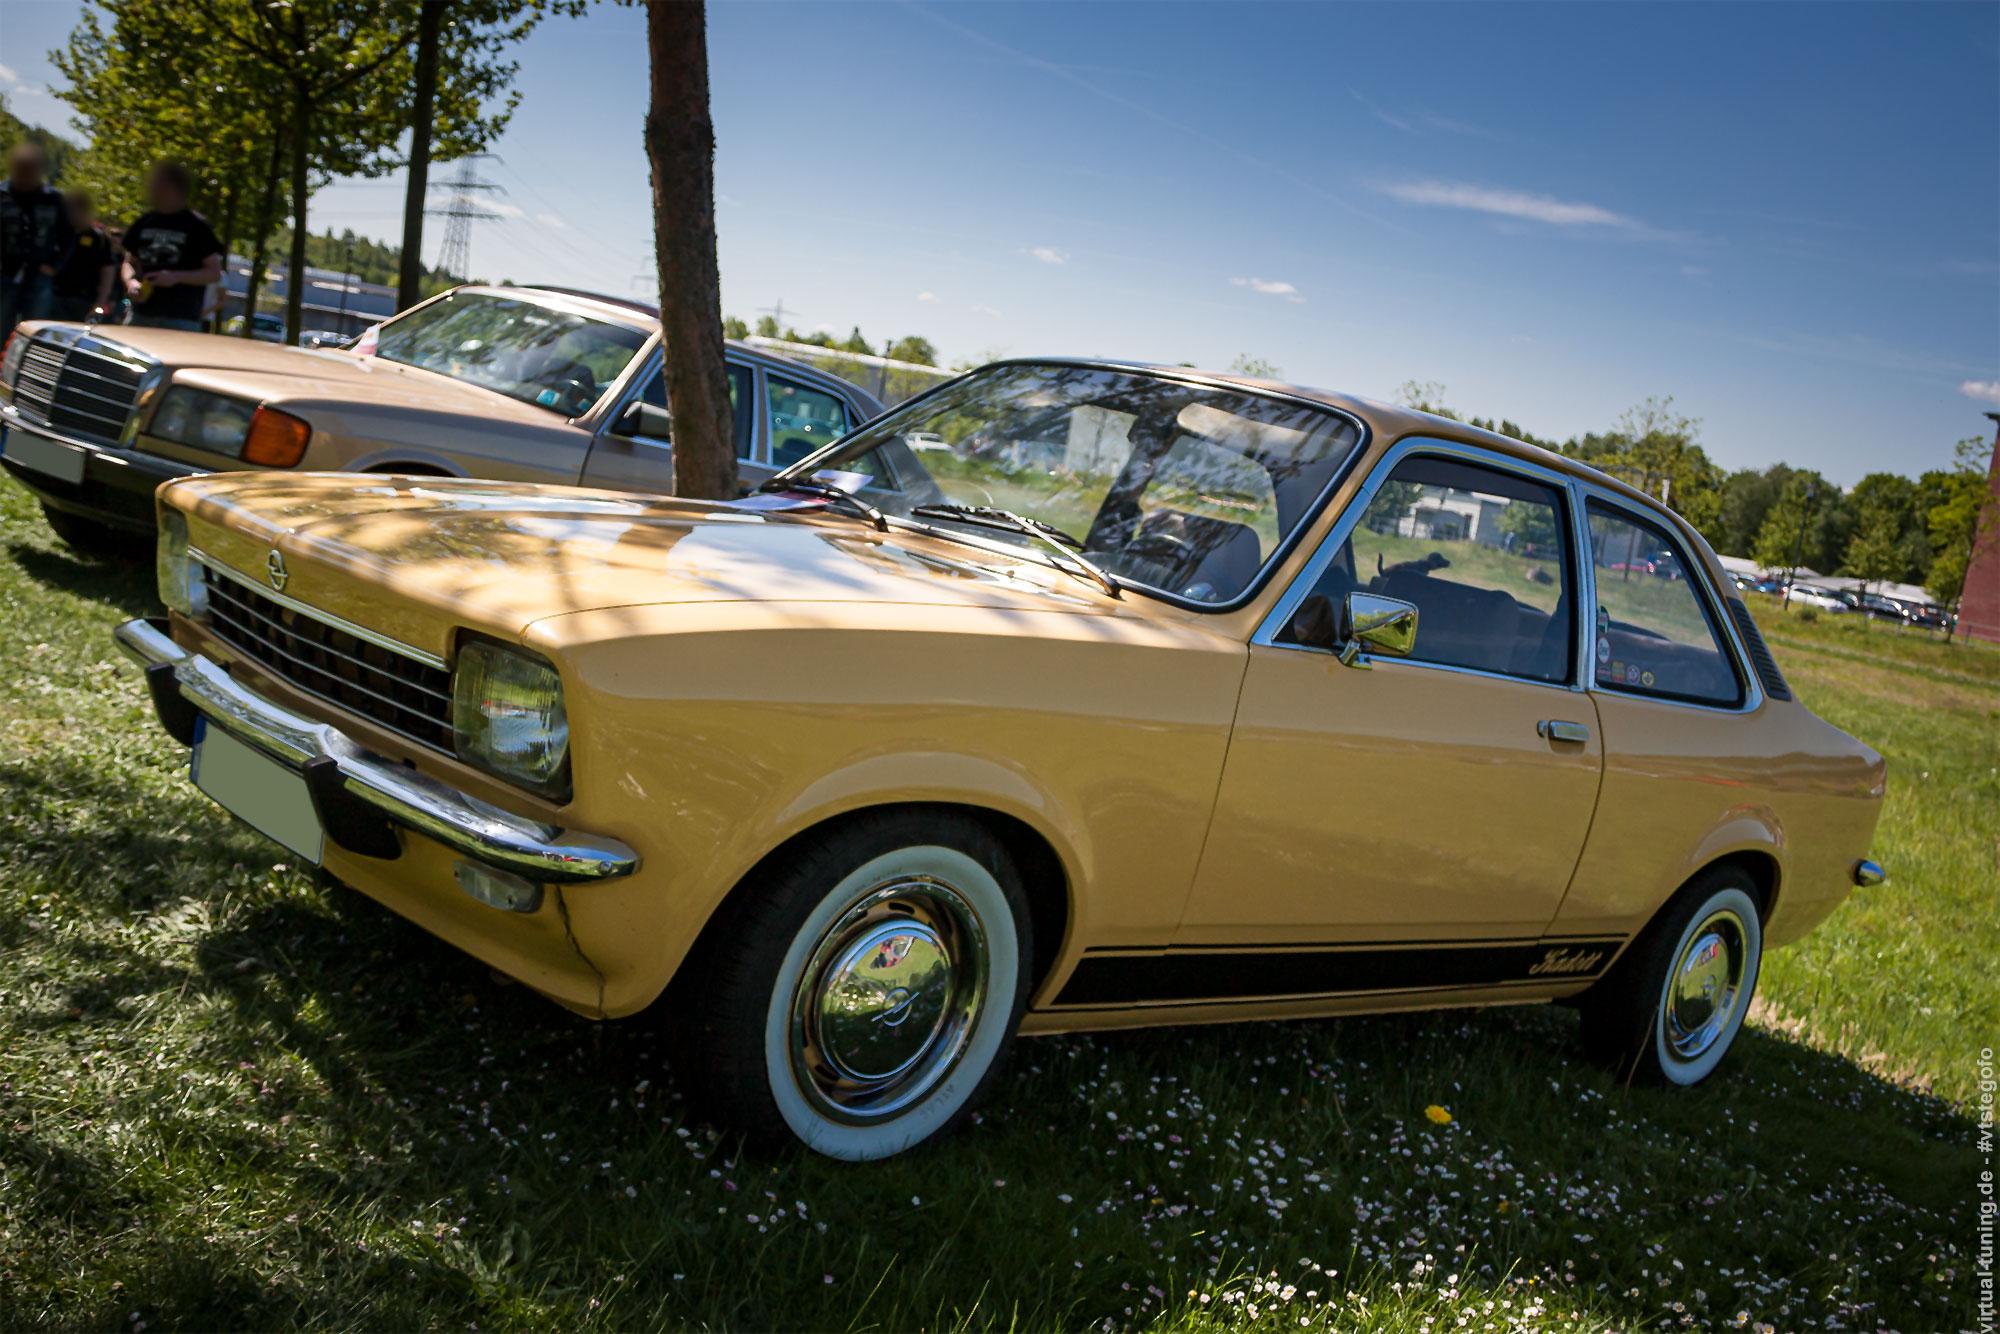 Opel Kadett C - Youngtimer Show in Herten 2015